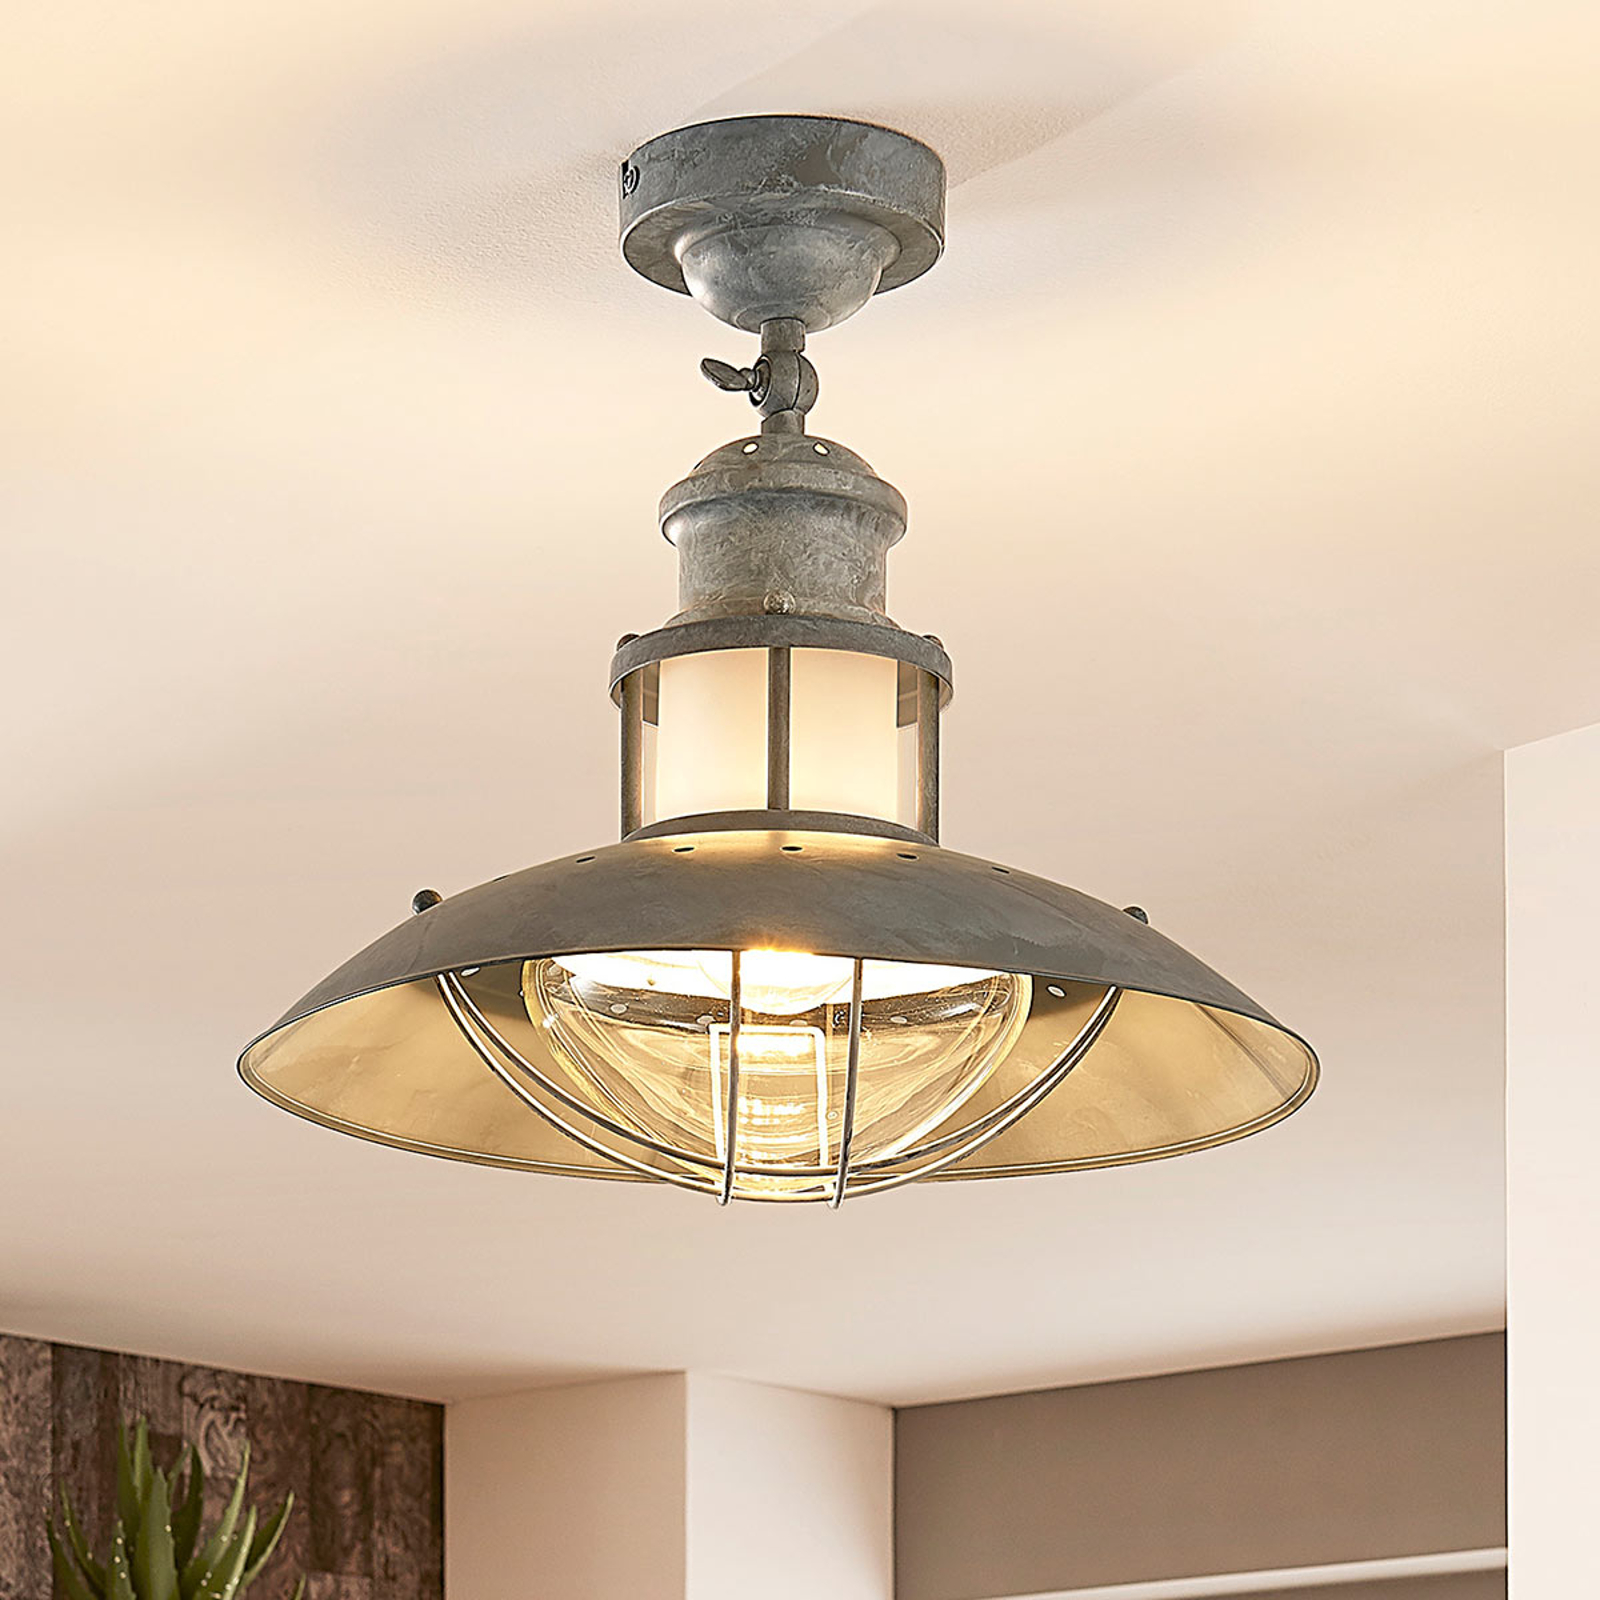 Lampa sufitowa Louisanne, styl industrialny